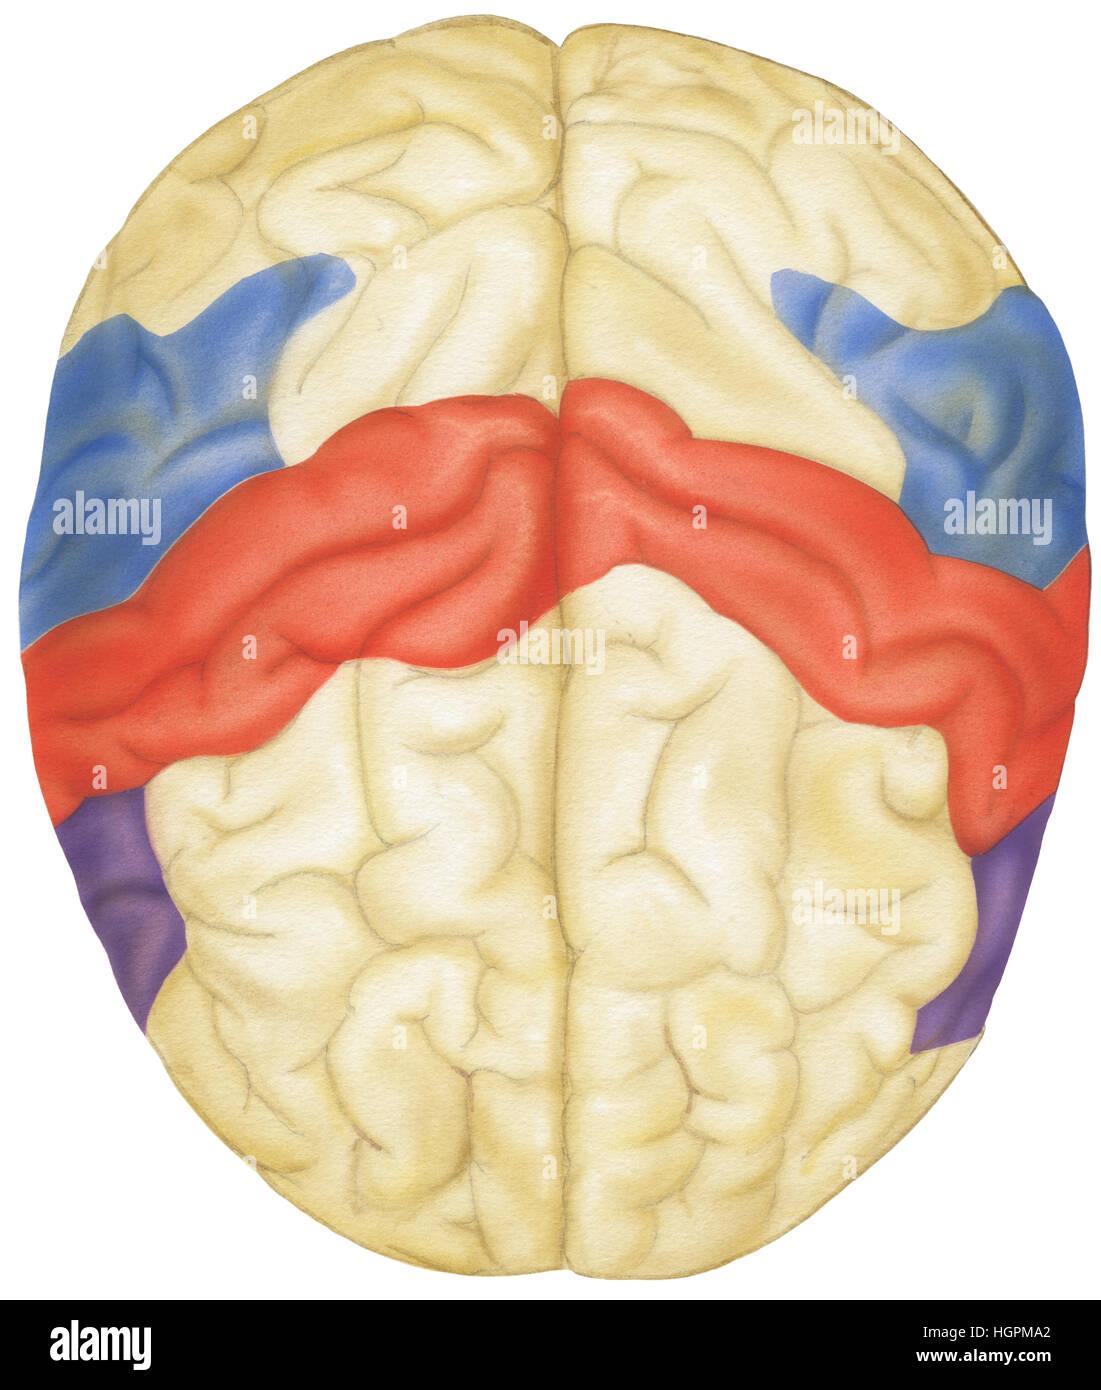 Vue supérieure du cerveau humain. Indiqués sont les lobes pariétaux, cortex sensoriel, gyrus angulaire, Photo Stock